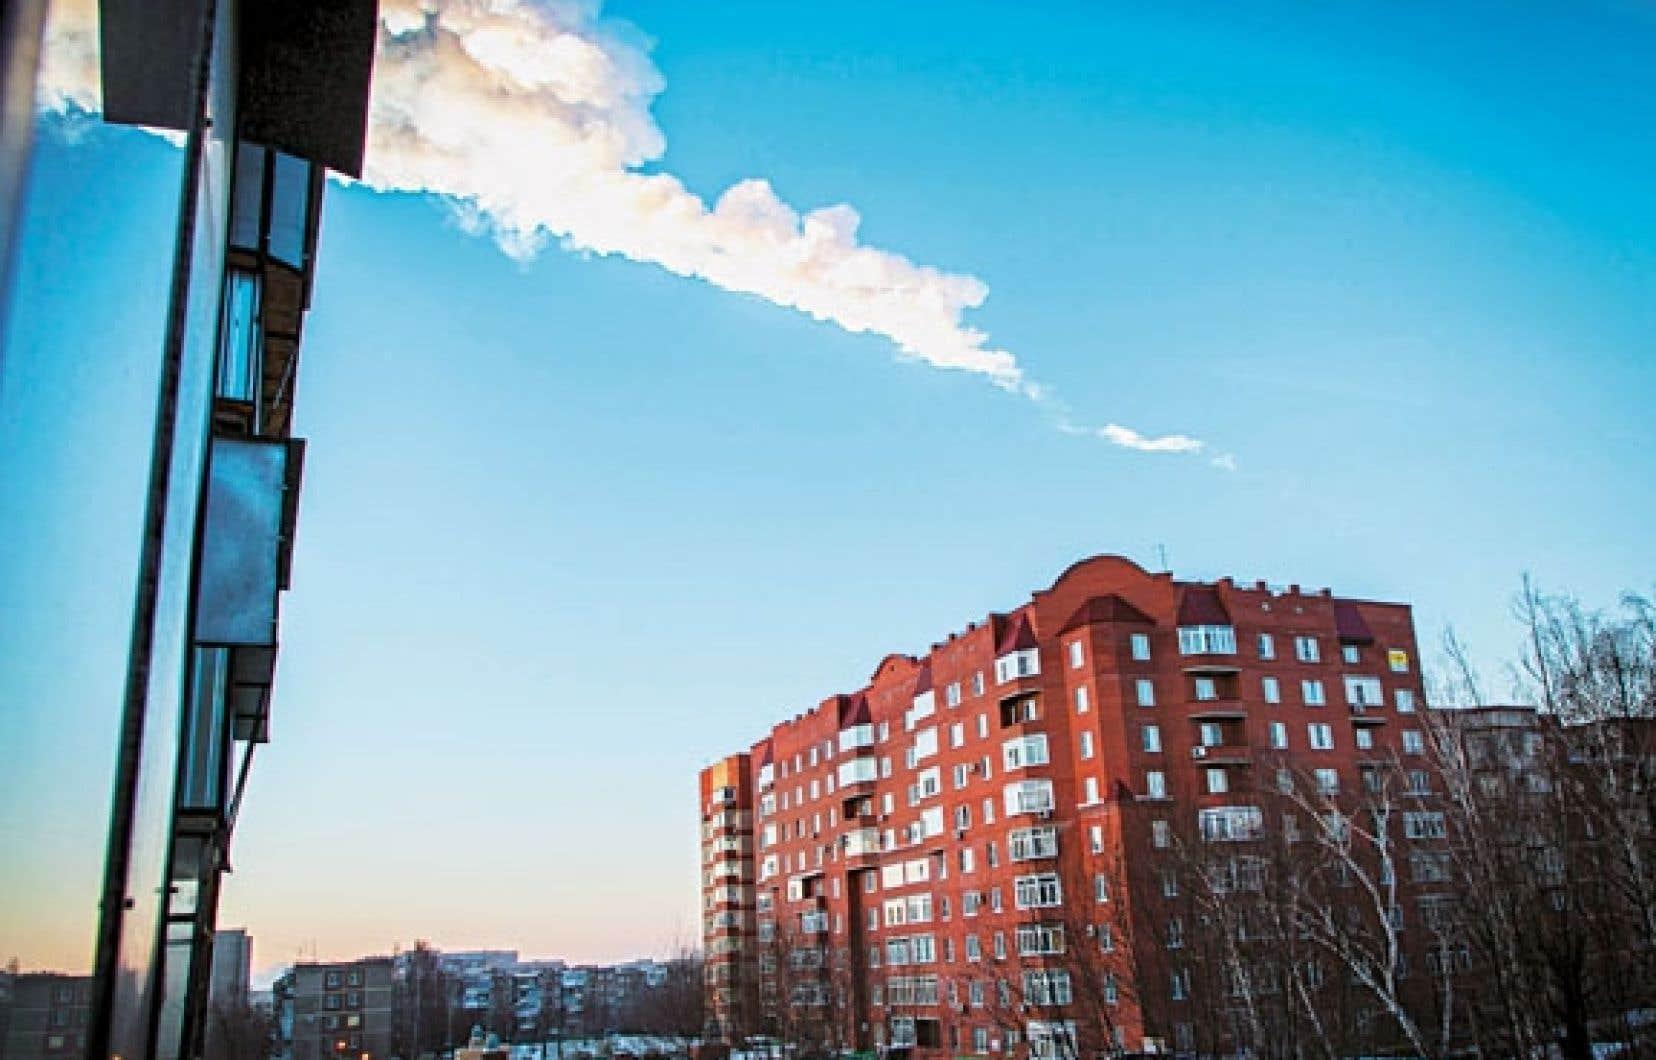 Le 15février dernier, un météore d'environ 11 tonnes avait explosé dans le ciel de la Russie, laissant voir une traînée lumineuse caractéristique. Le ciel étant couvert, cette lumière n'a pu être observée dans le cas de l'objet ayant causé un émoi, mardi soir, dans l'ouest du Québec.